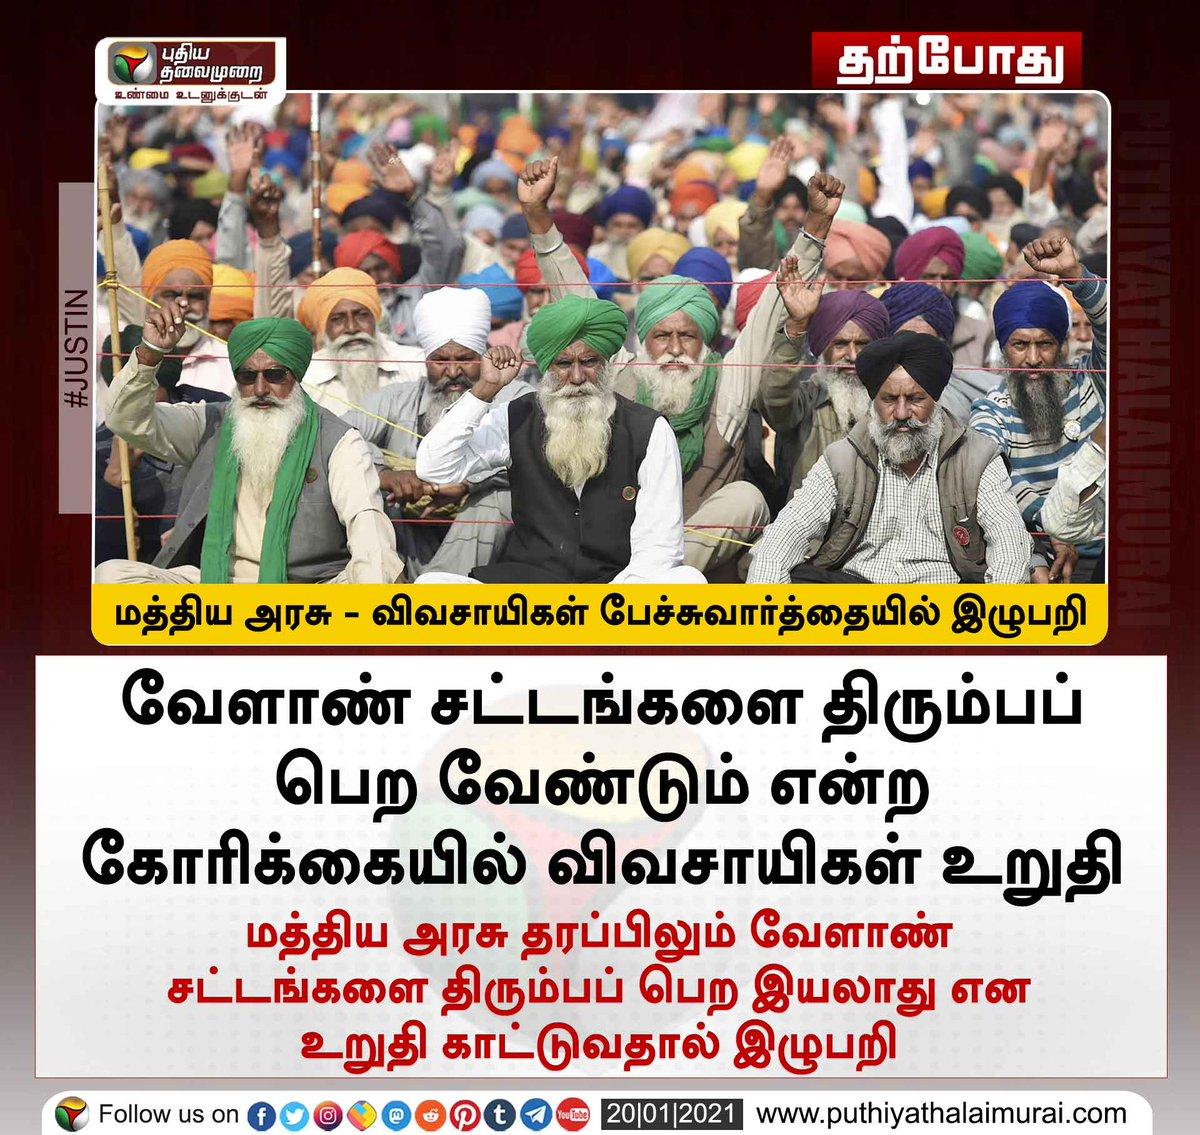 வேளாண் சட்டங்கள் : மத்திய அரசு - விவசாயிகள் பேச்சுவார்த்தையில் இழுபறி  #FarmersProtest | #FarmLaws | #CentralGovernment